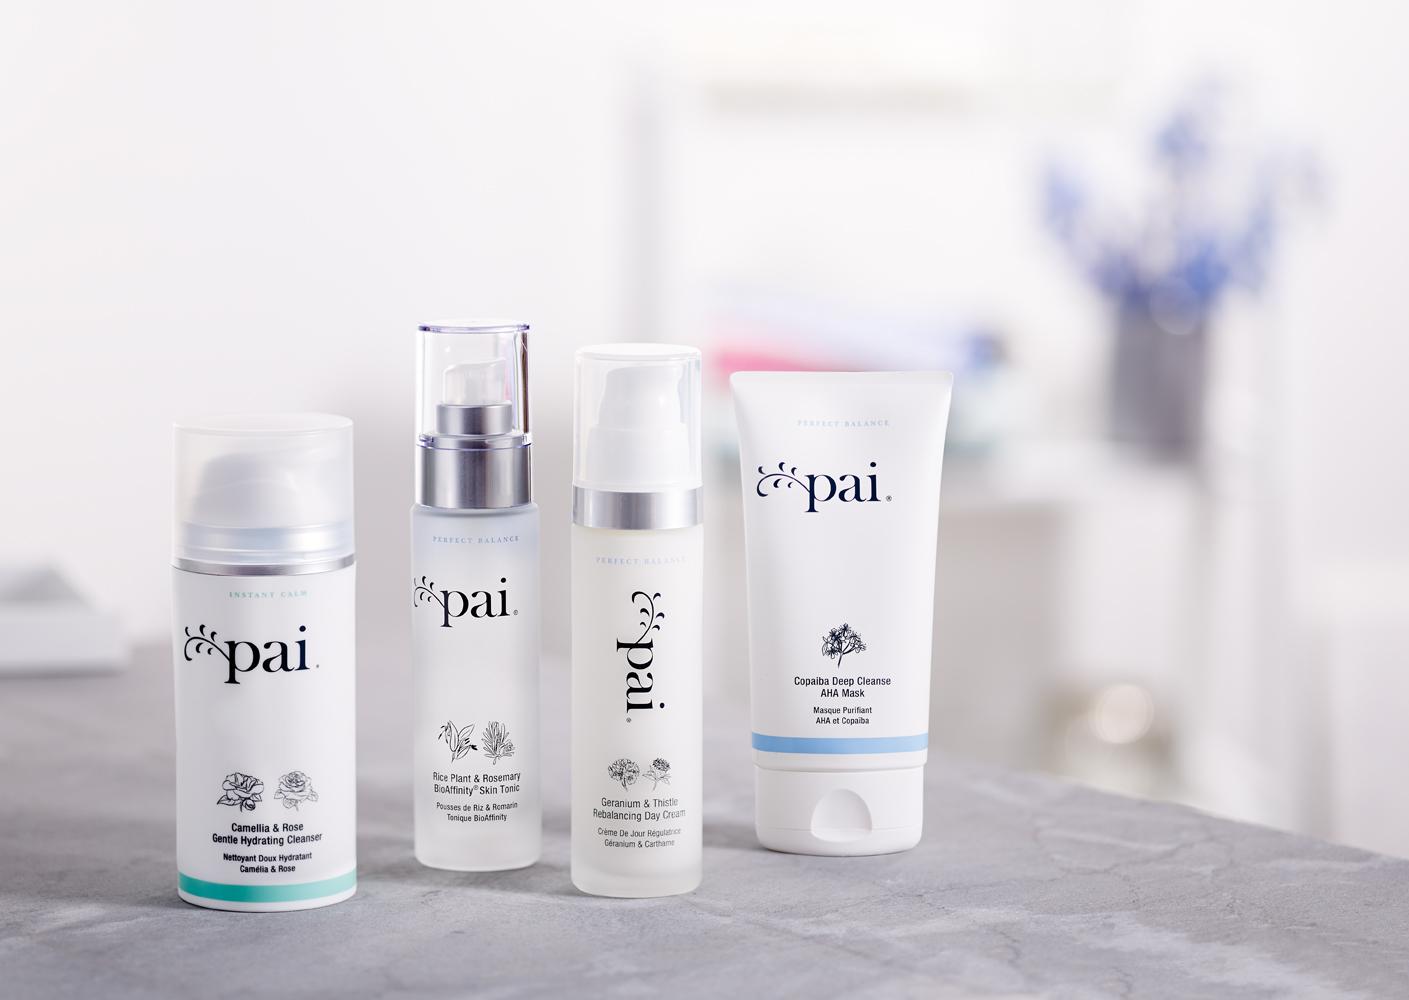 Productos pai para el cuidado de la piel